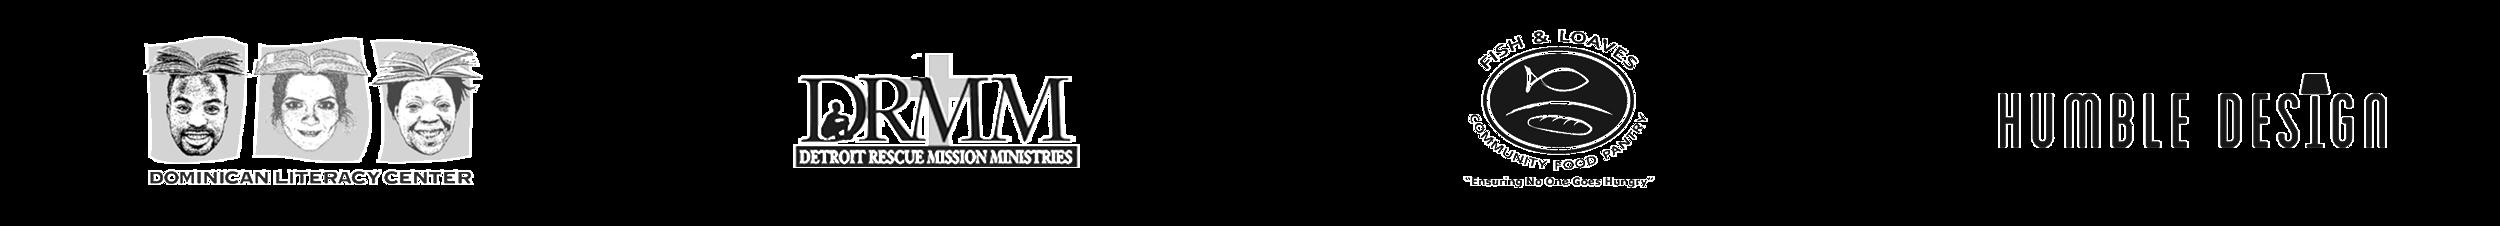 partners-logos-2.png